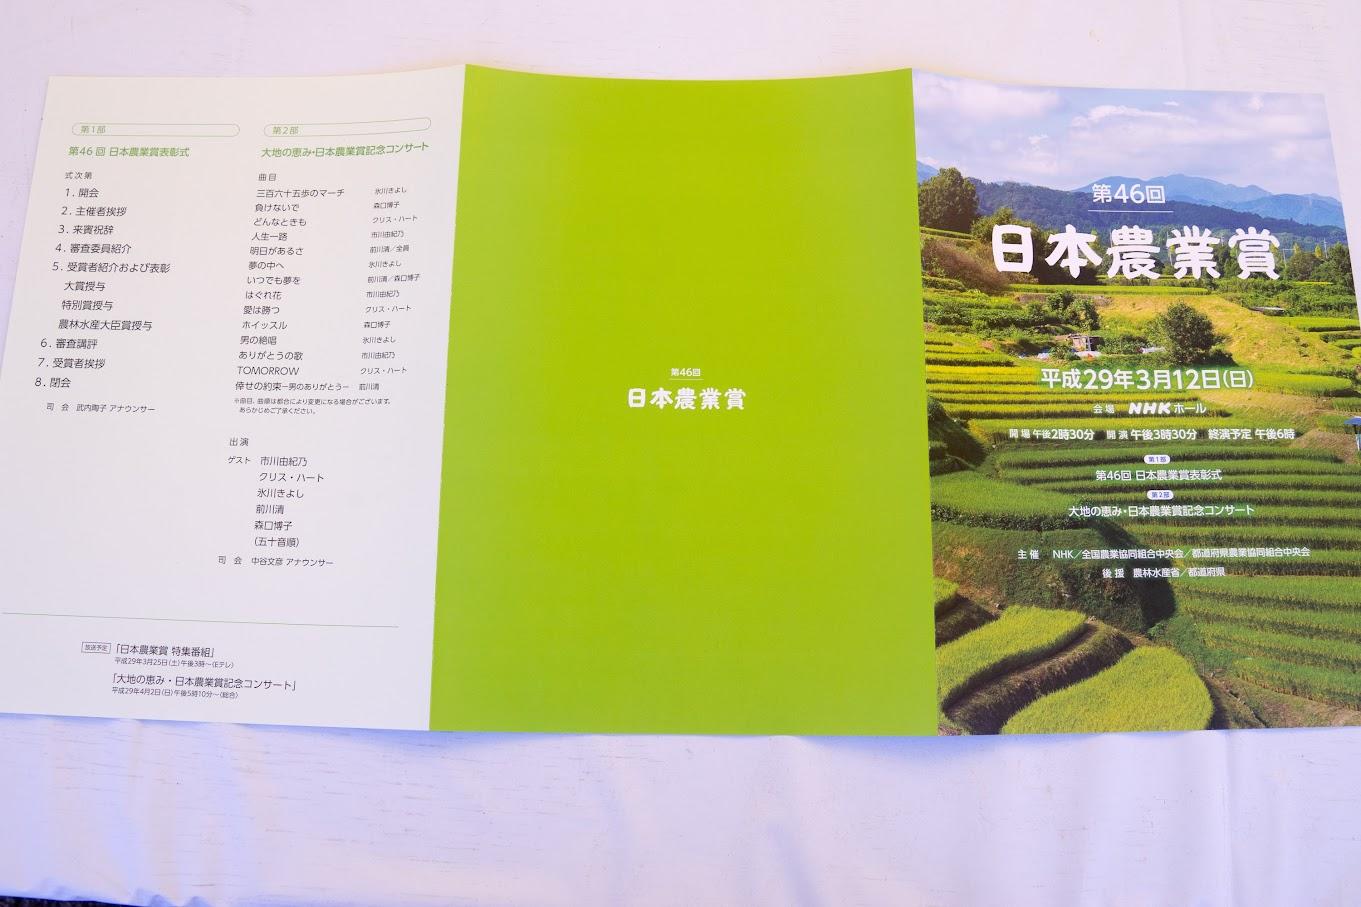 第46回日本農業賞パンフレット